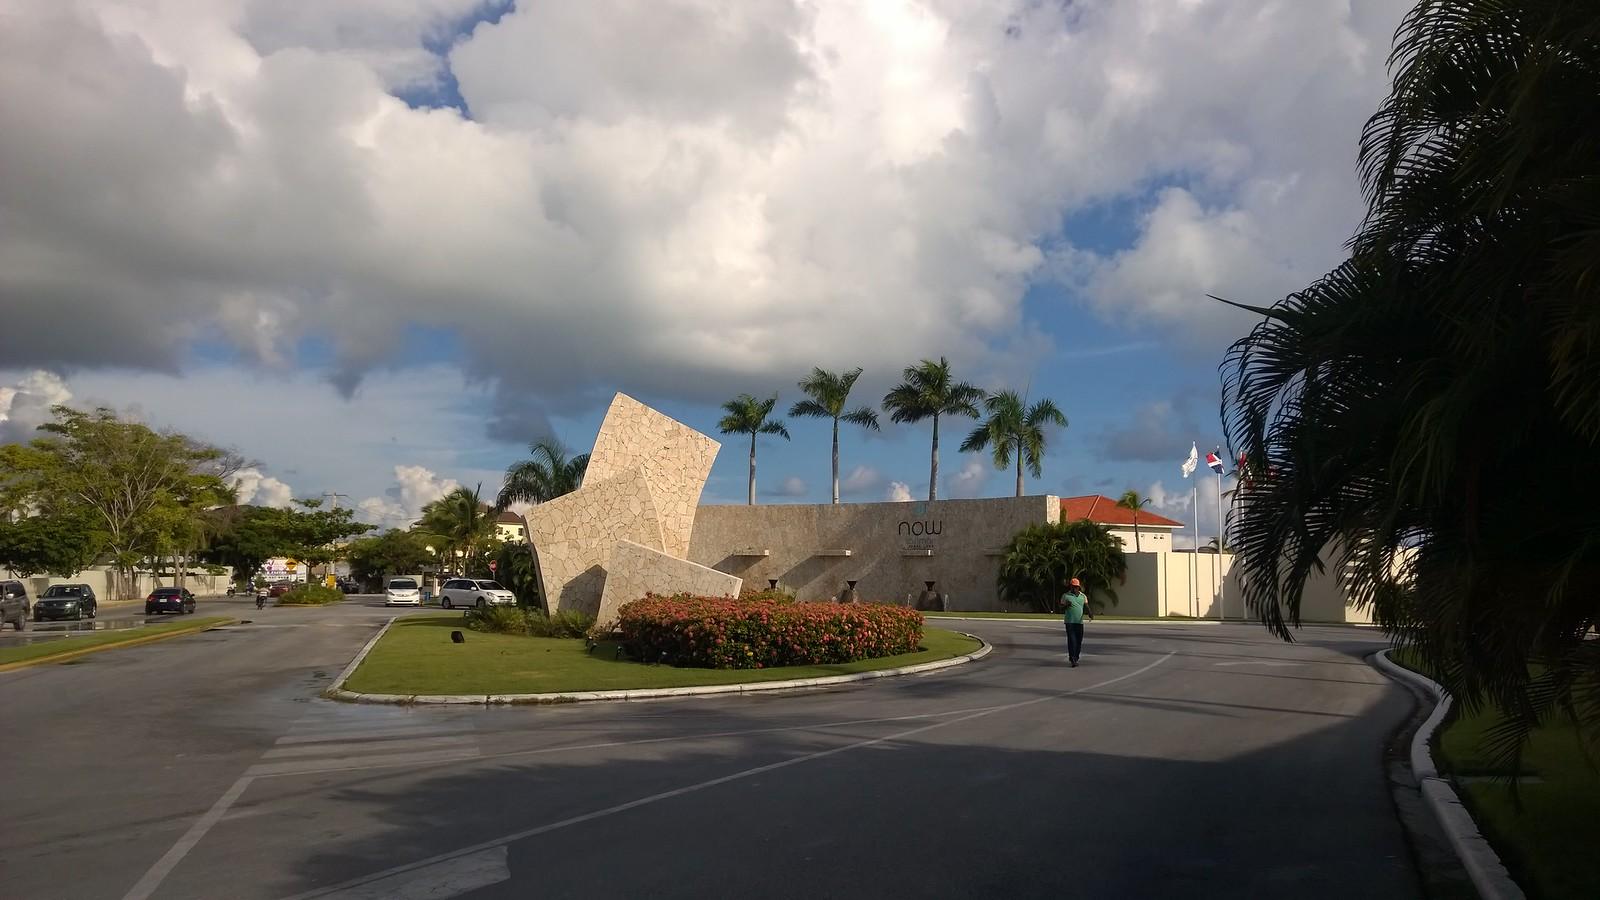 Luxery-отель Now Larimar Punta Cana, на его территорию нам удалось зайти со стороны пляжа :)